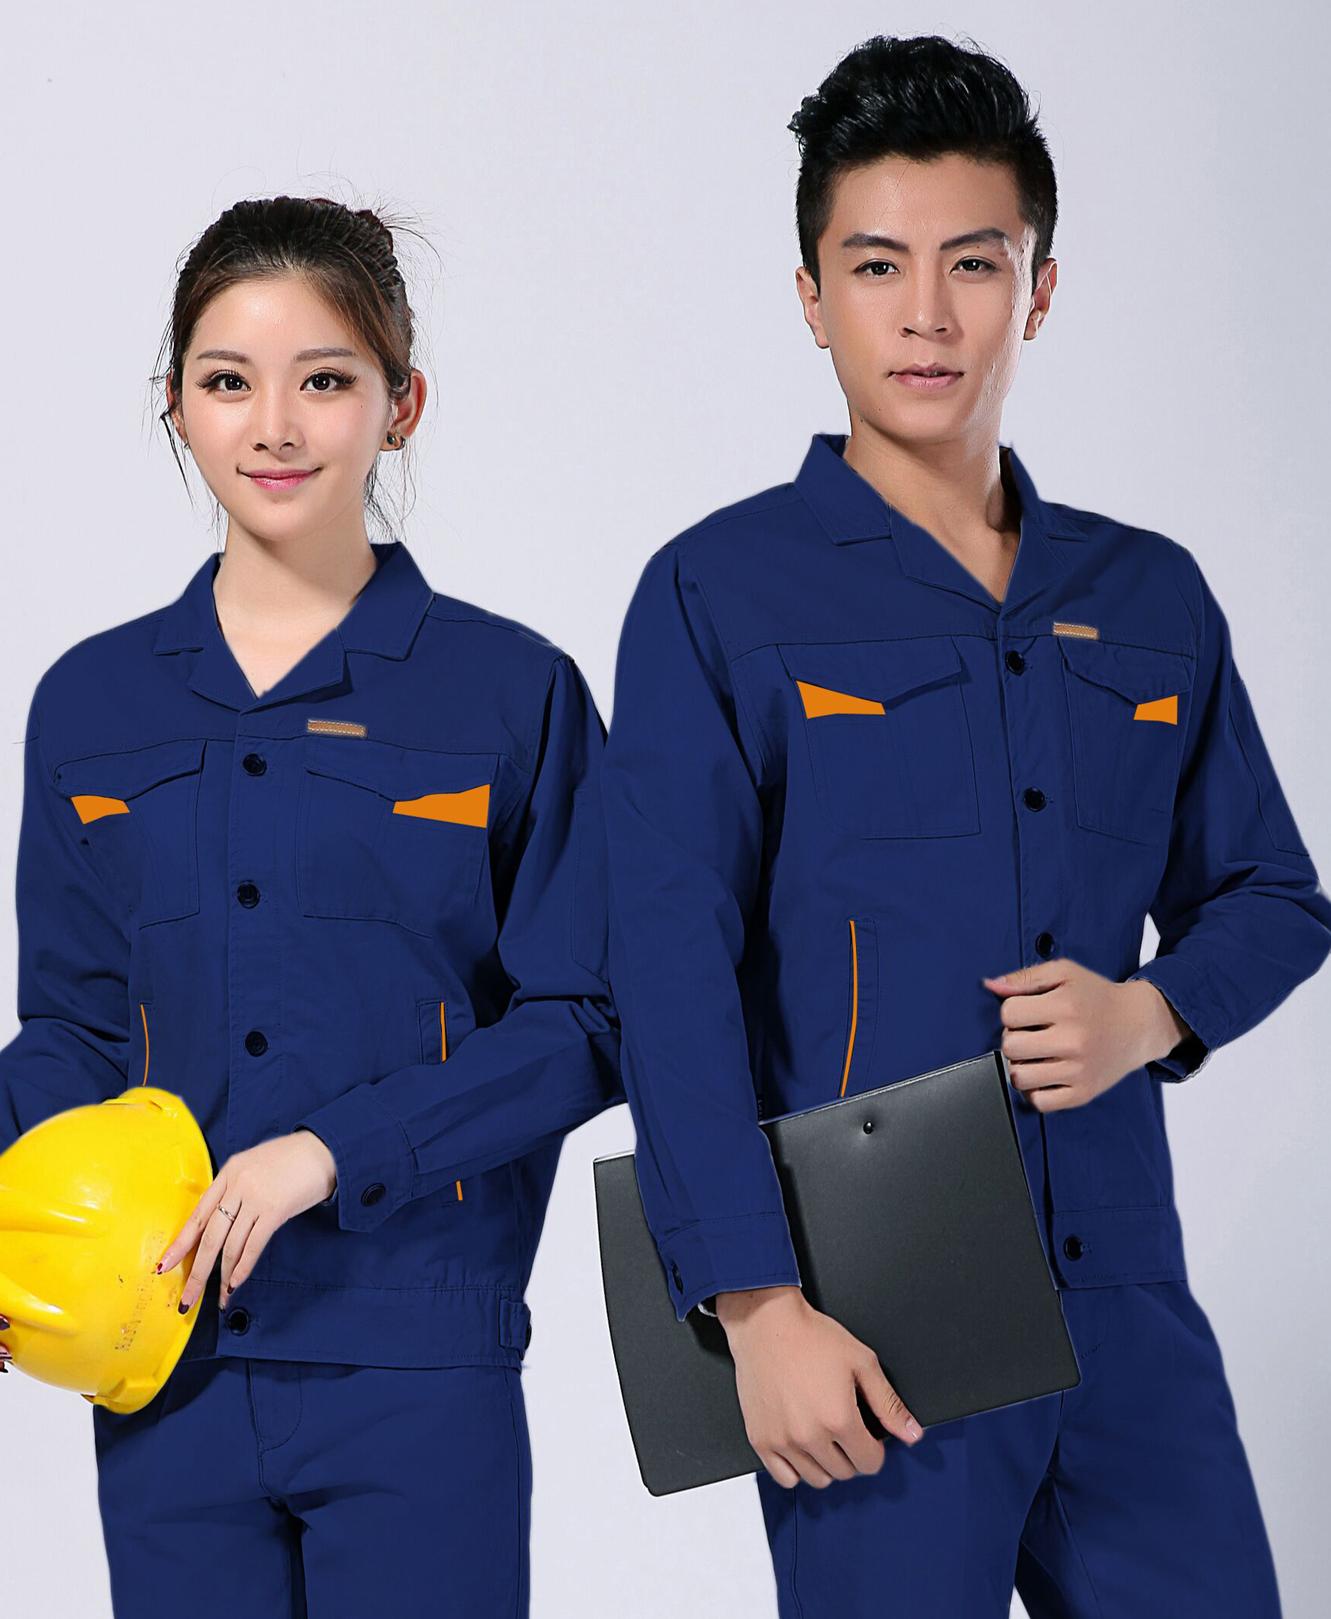 2020新款夏季长袖男女劳保工作服套装-乐好英超-058A